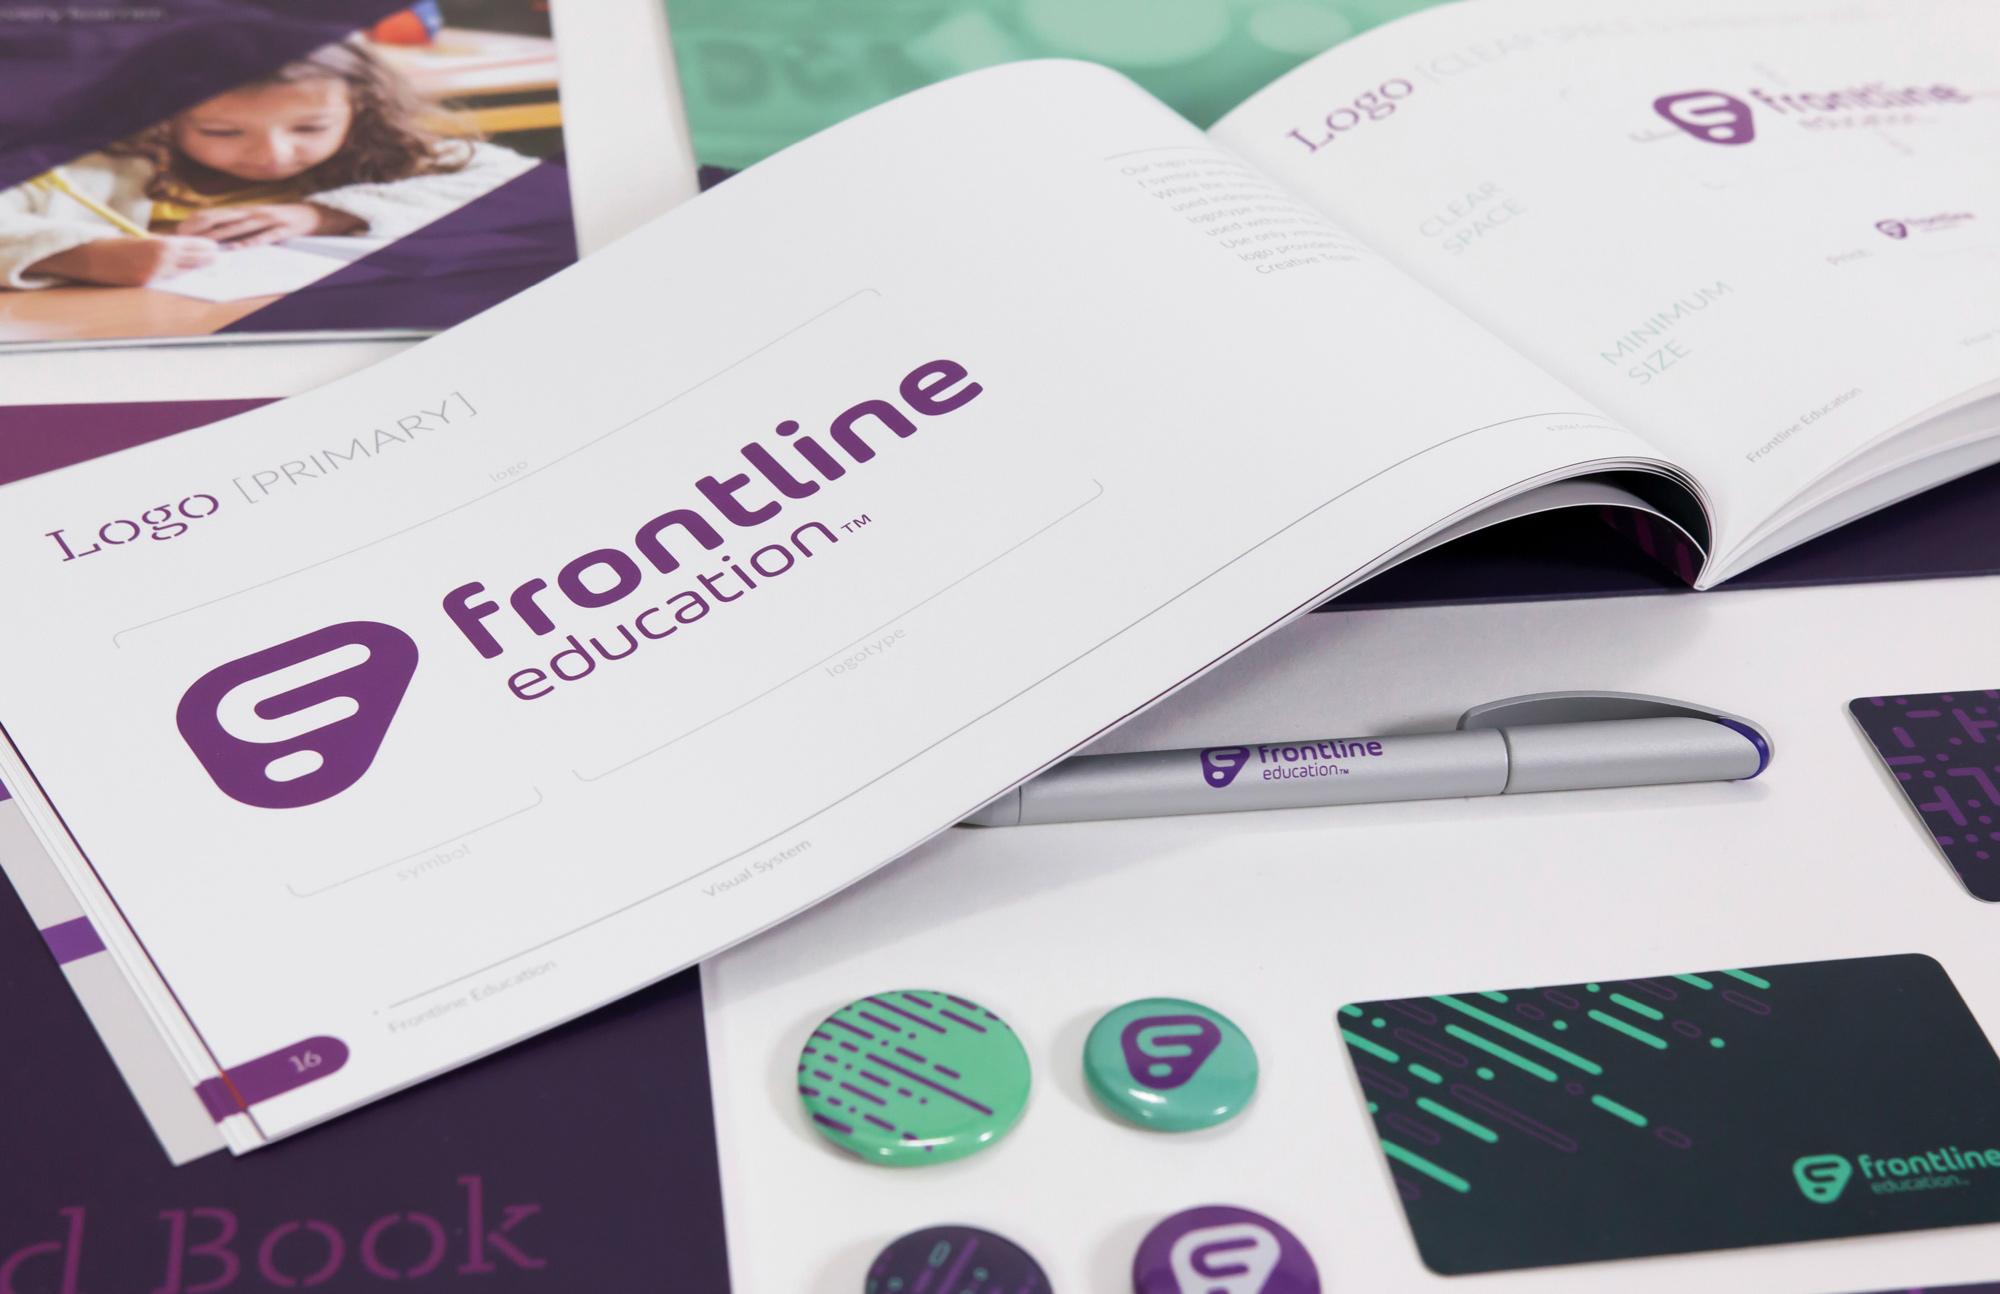 Frontline_Education-Rebrand-1